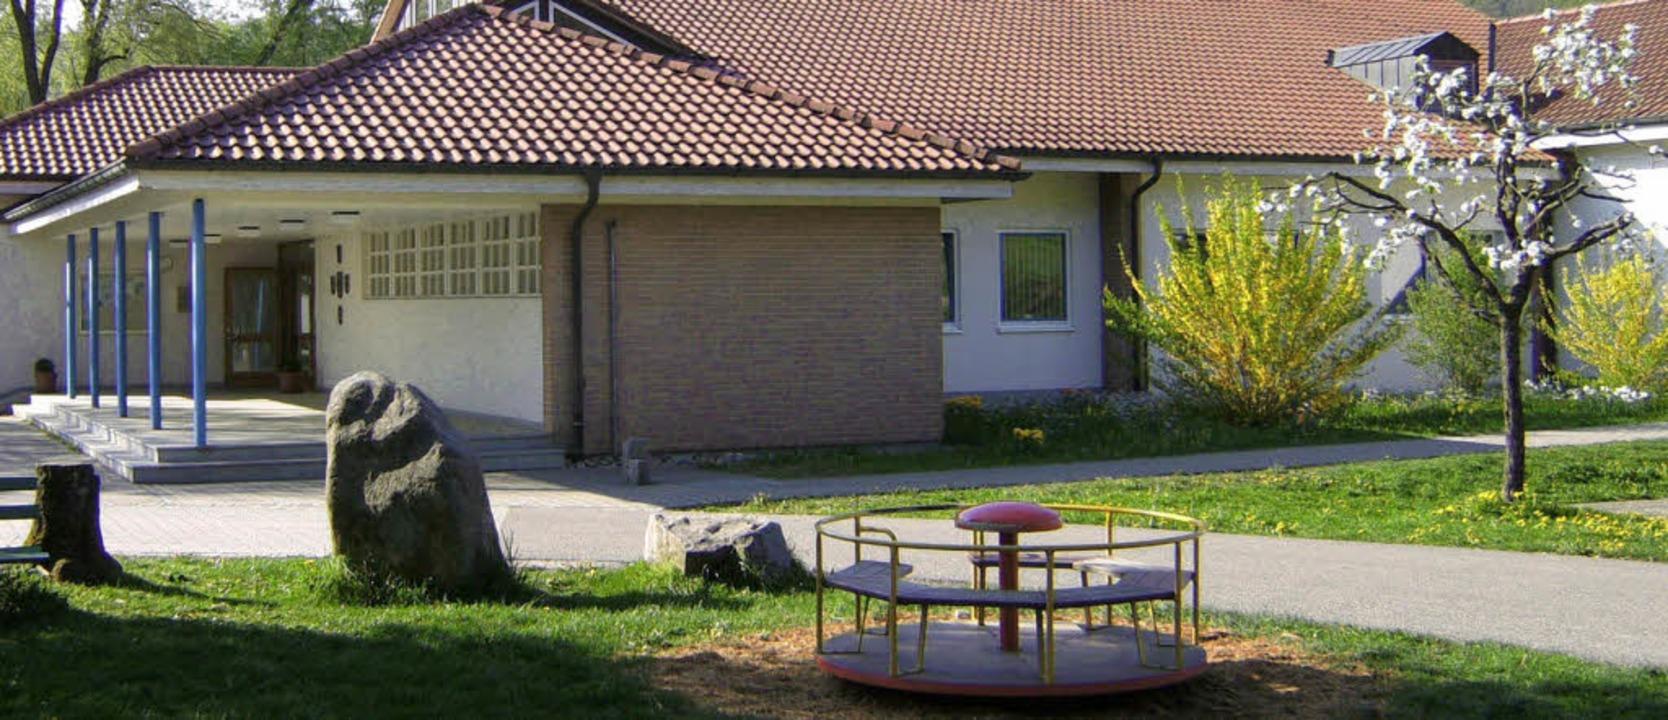 Der Spielplatz an der Schule im Weiher...e Fläche mit Klettergerüsten ergänzt.   | Foto: Privat